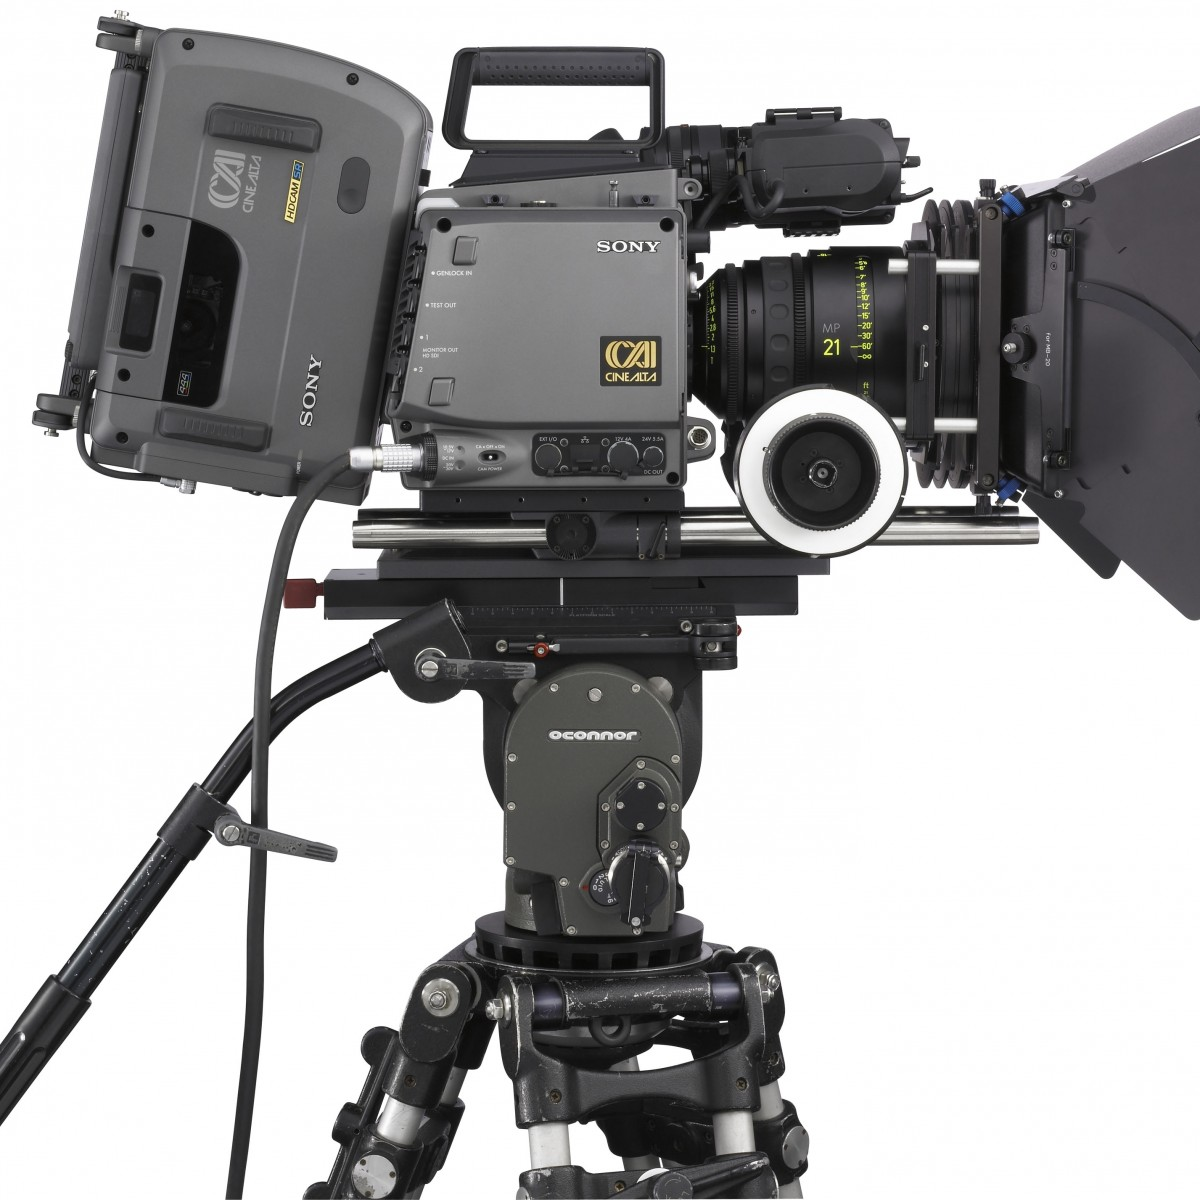 Je suis chargée de production grâce à ecole-de-cinema.net